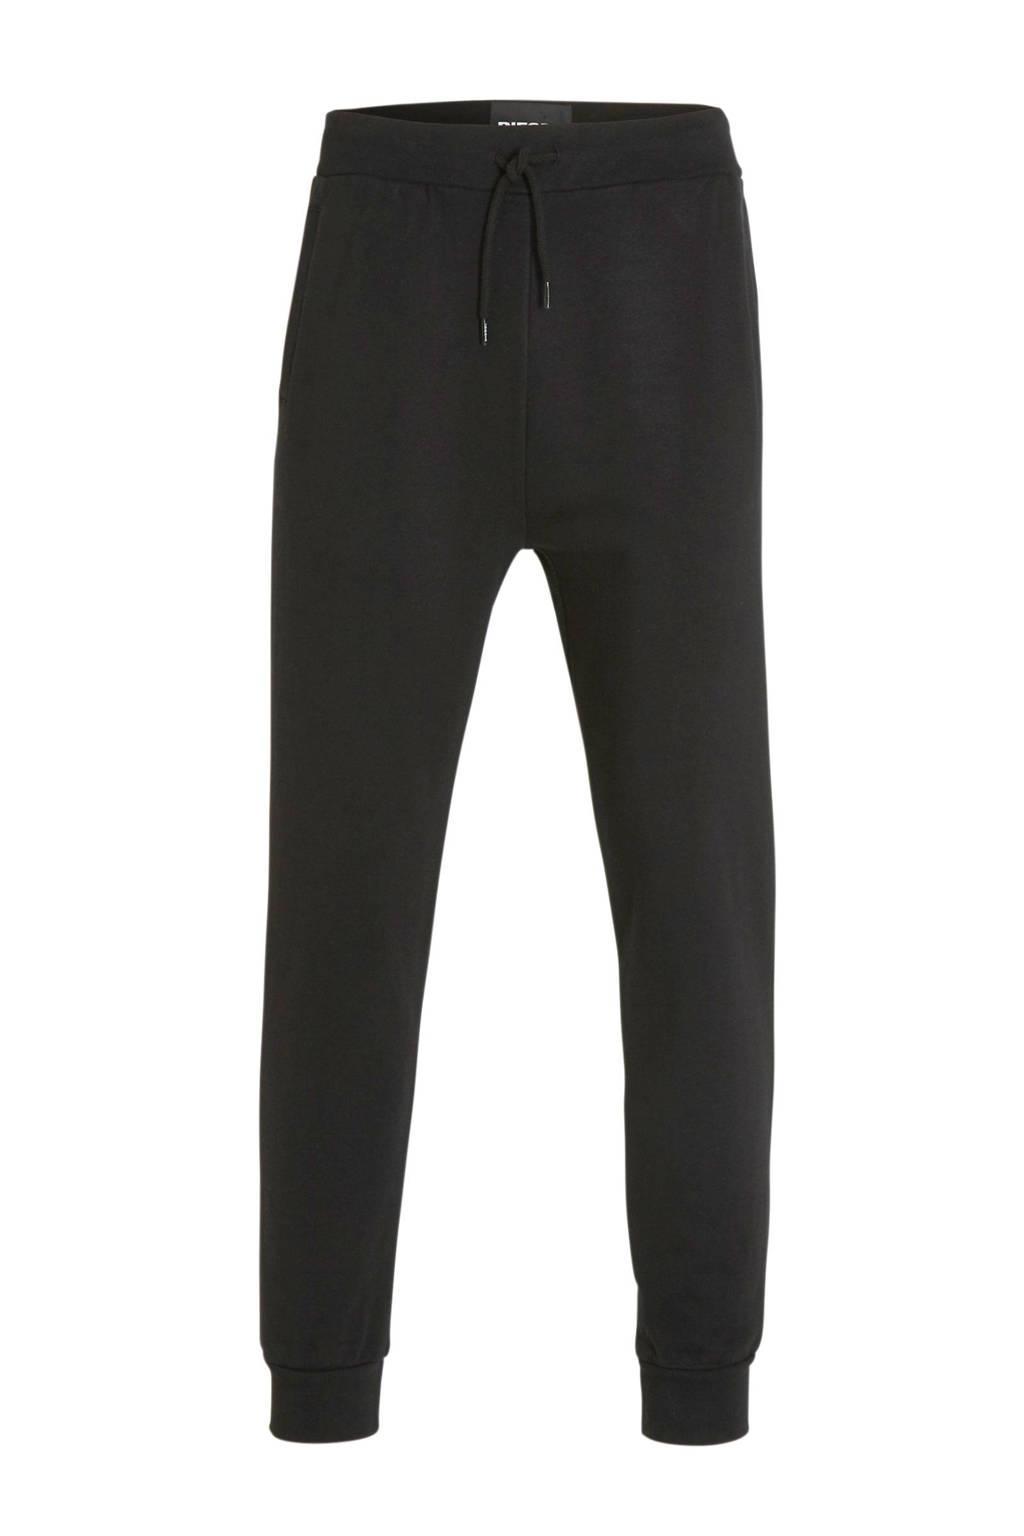 Diesel joggingbroek zwart, Zwart